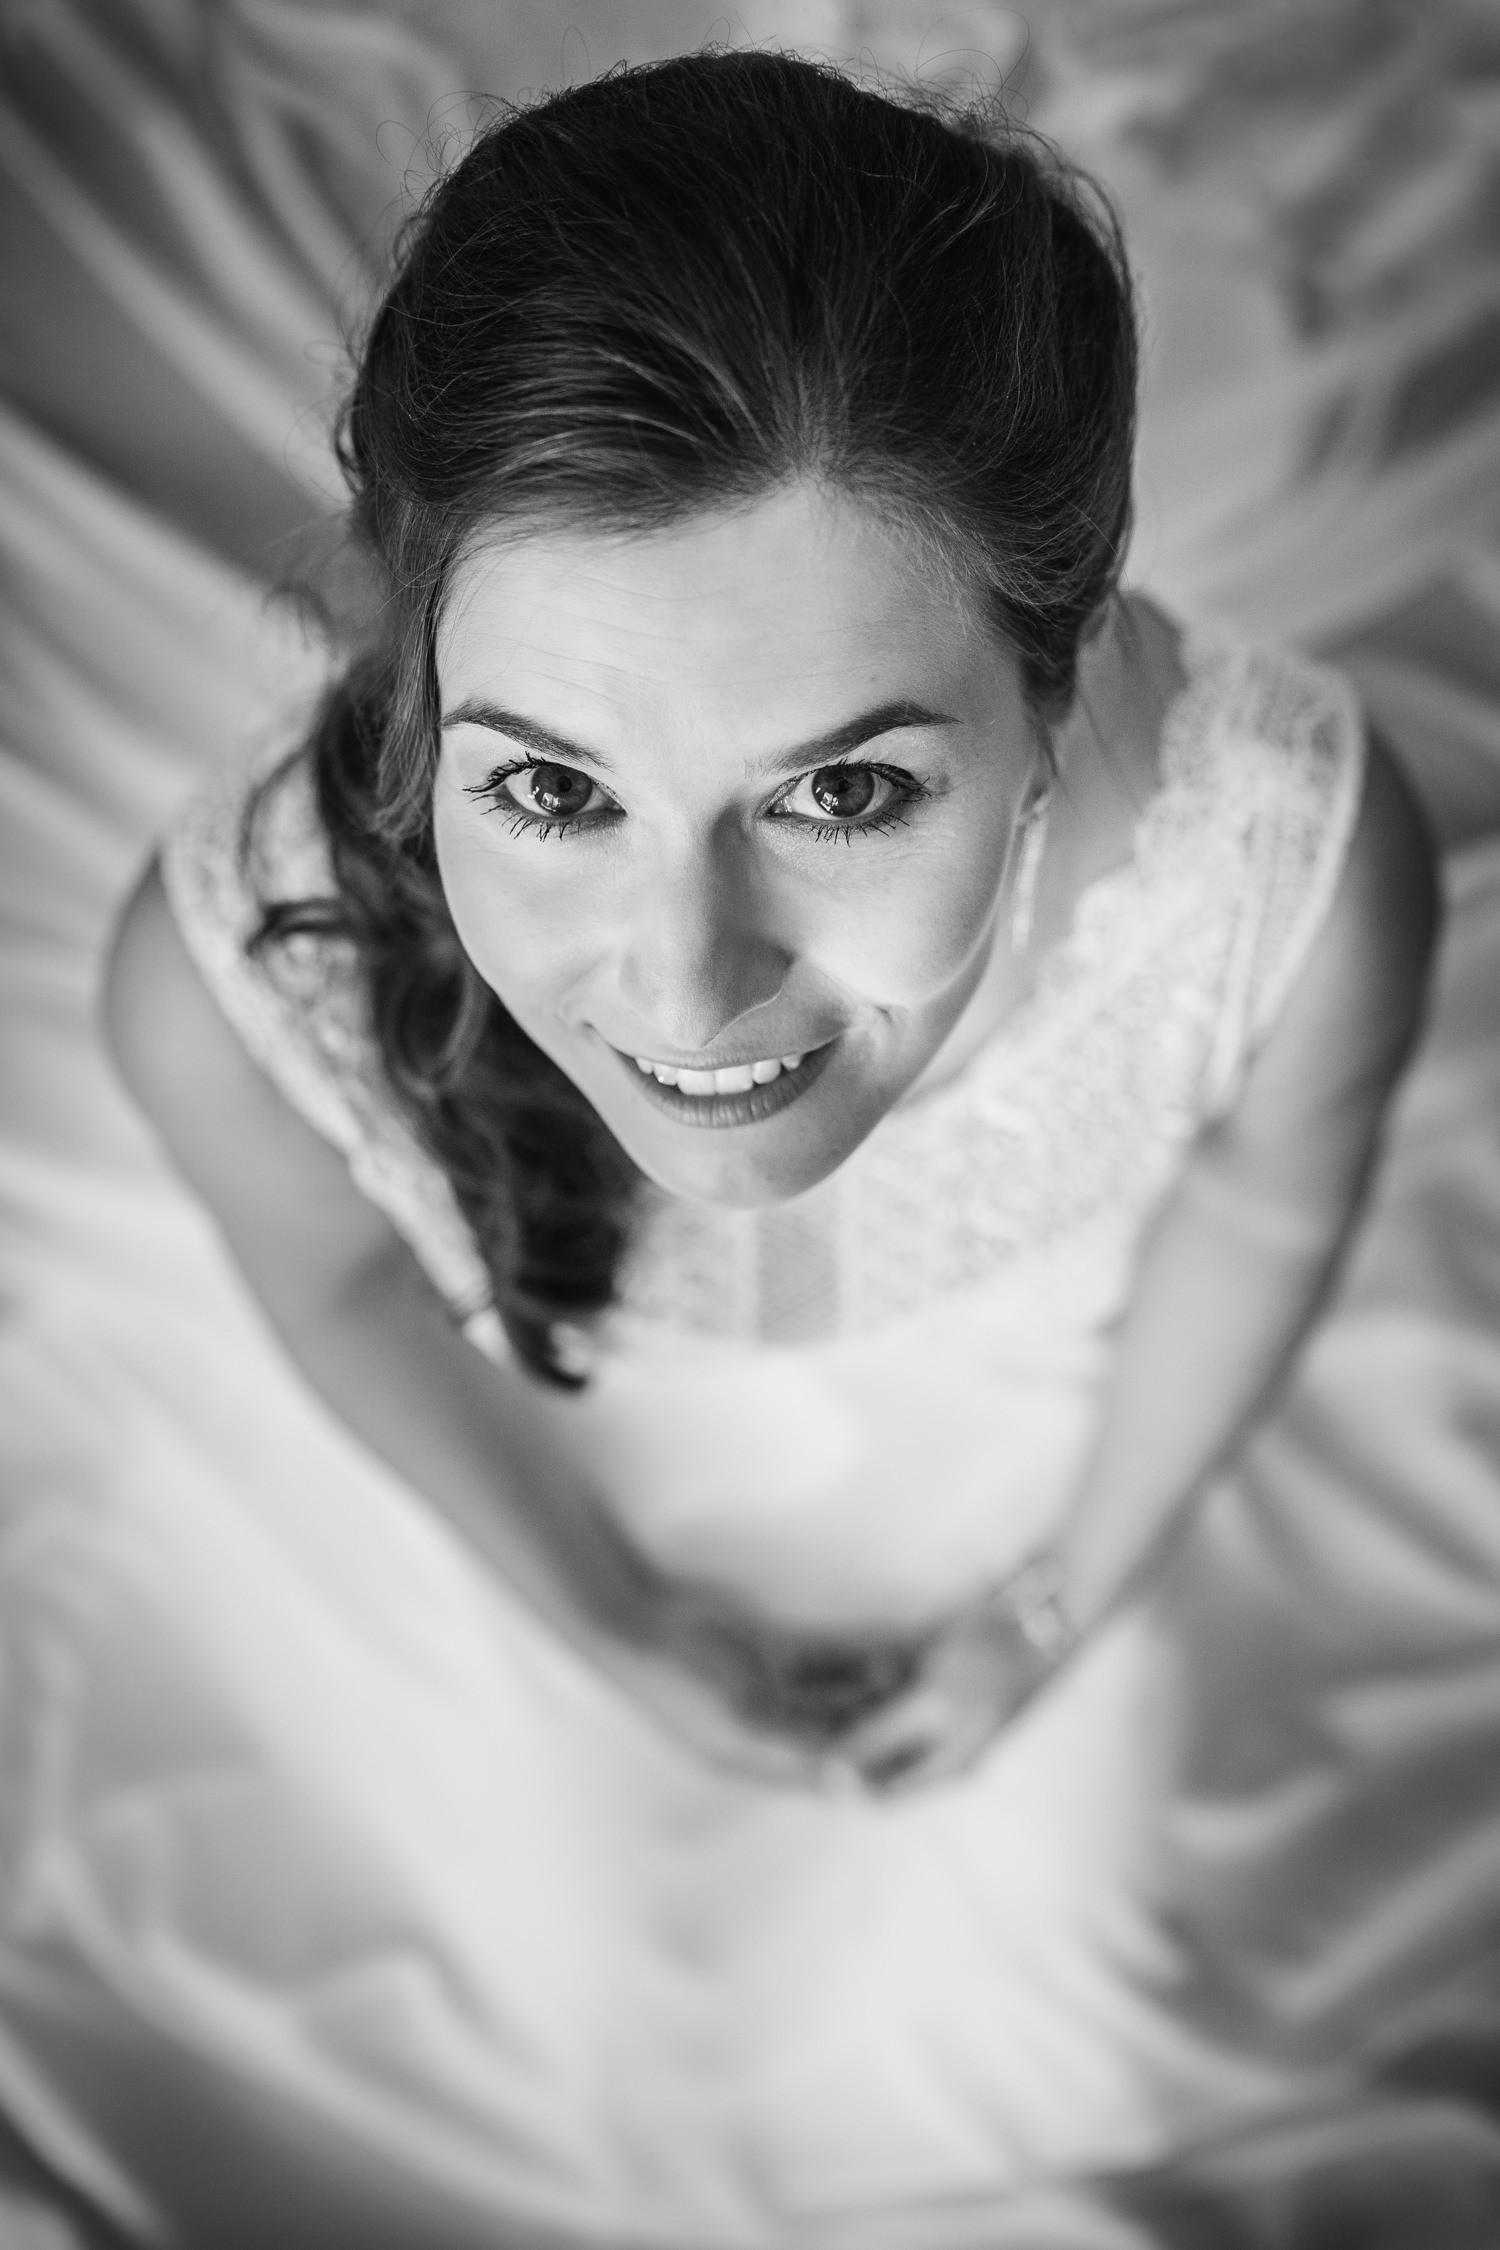 Hochzeit in Bad Birnbach, Getting Ready in Osterhofen, Portraitaufnahme Braut